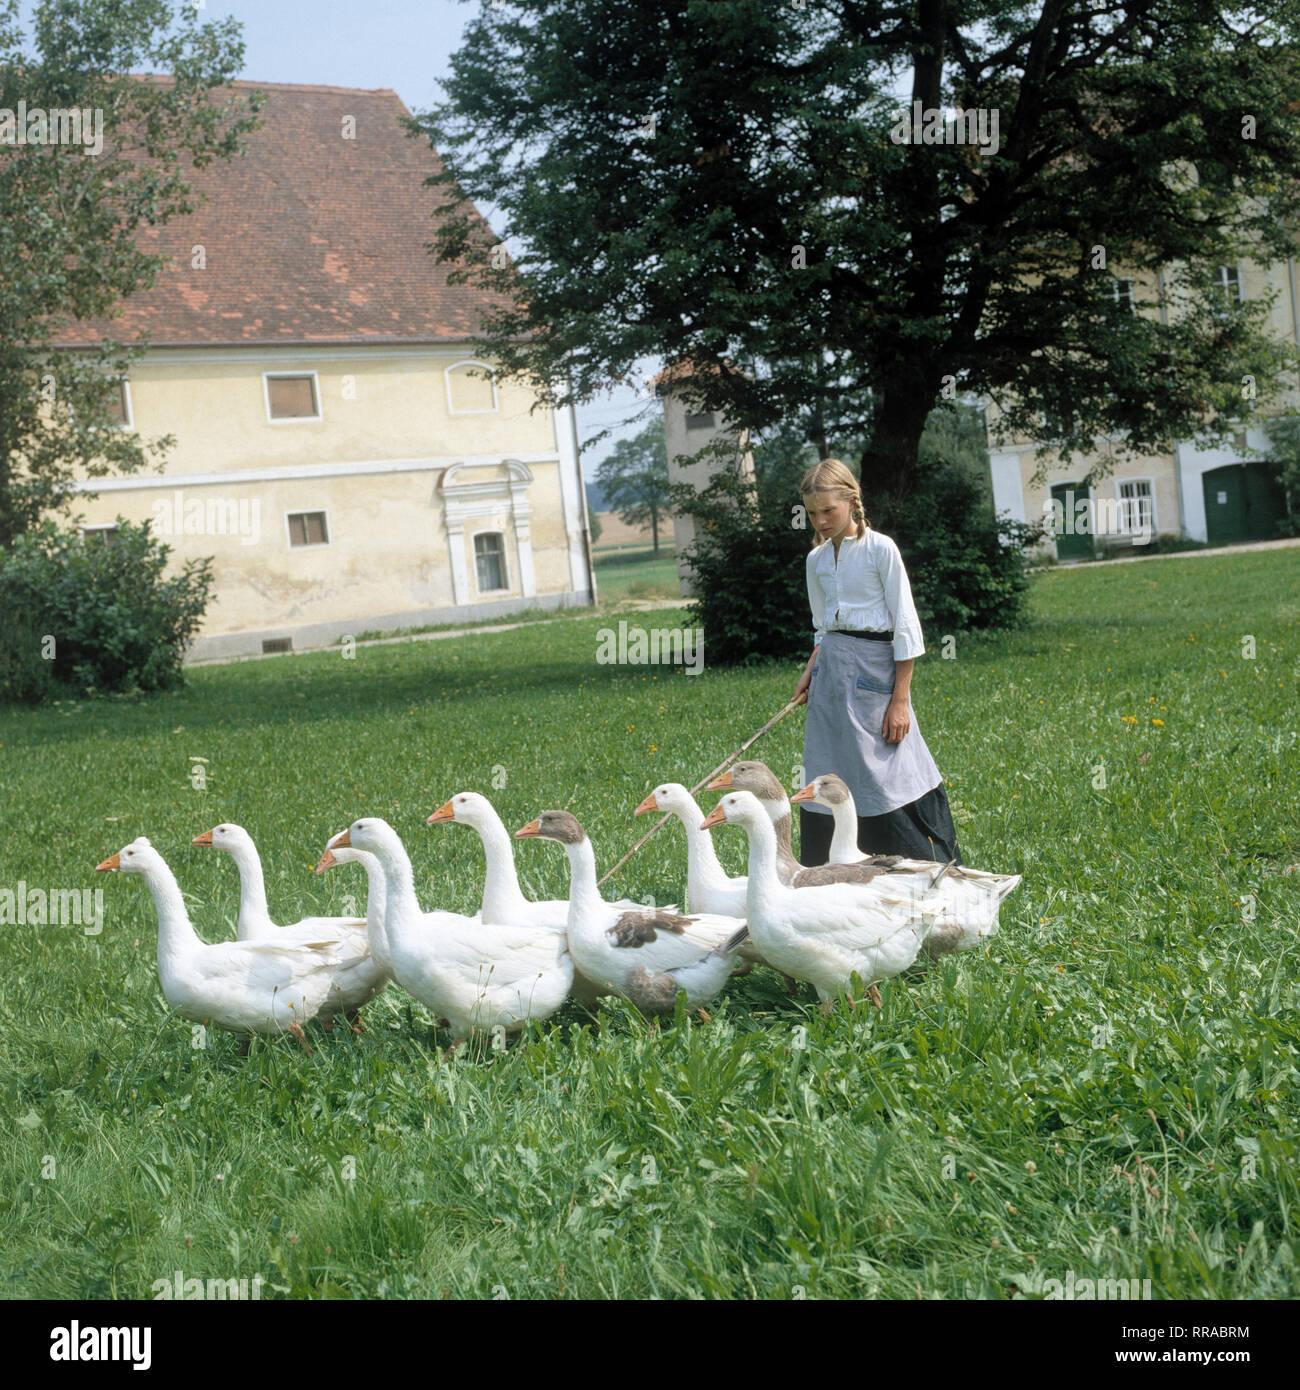 DER TROTZKOPF / BRD 1983 / Helmut Ashley / TV-Mehrteiler von 1983: Ein Mädchen mit Gänsen. EM / Schüte / Überschrift: DER TROTZKOPF / BRD 1983 Immagini Stock